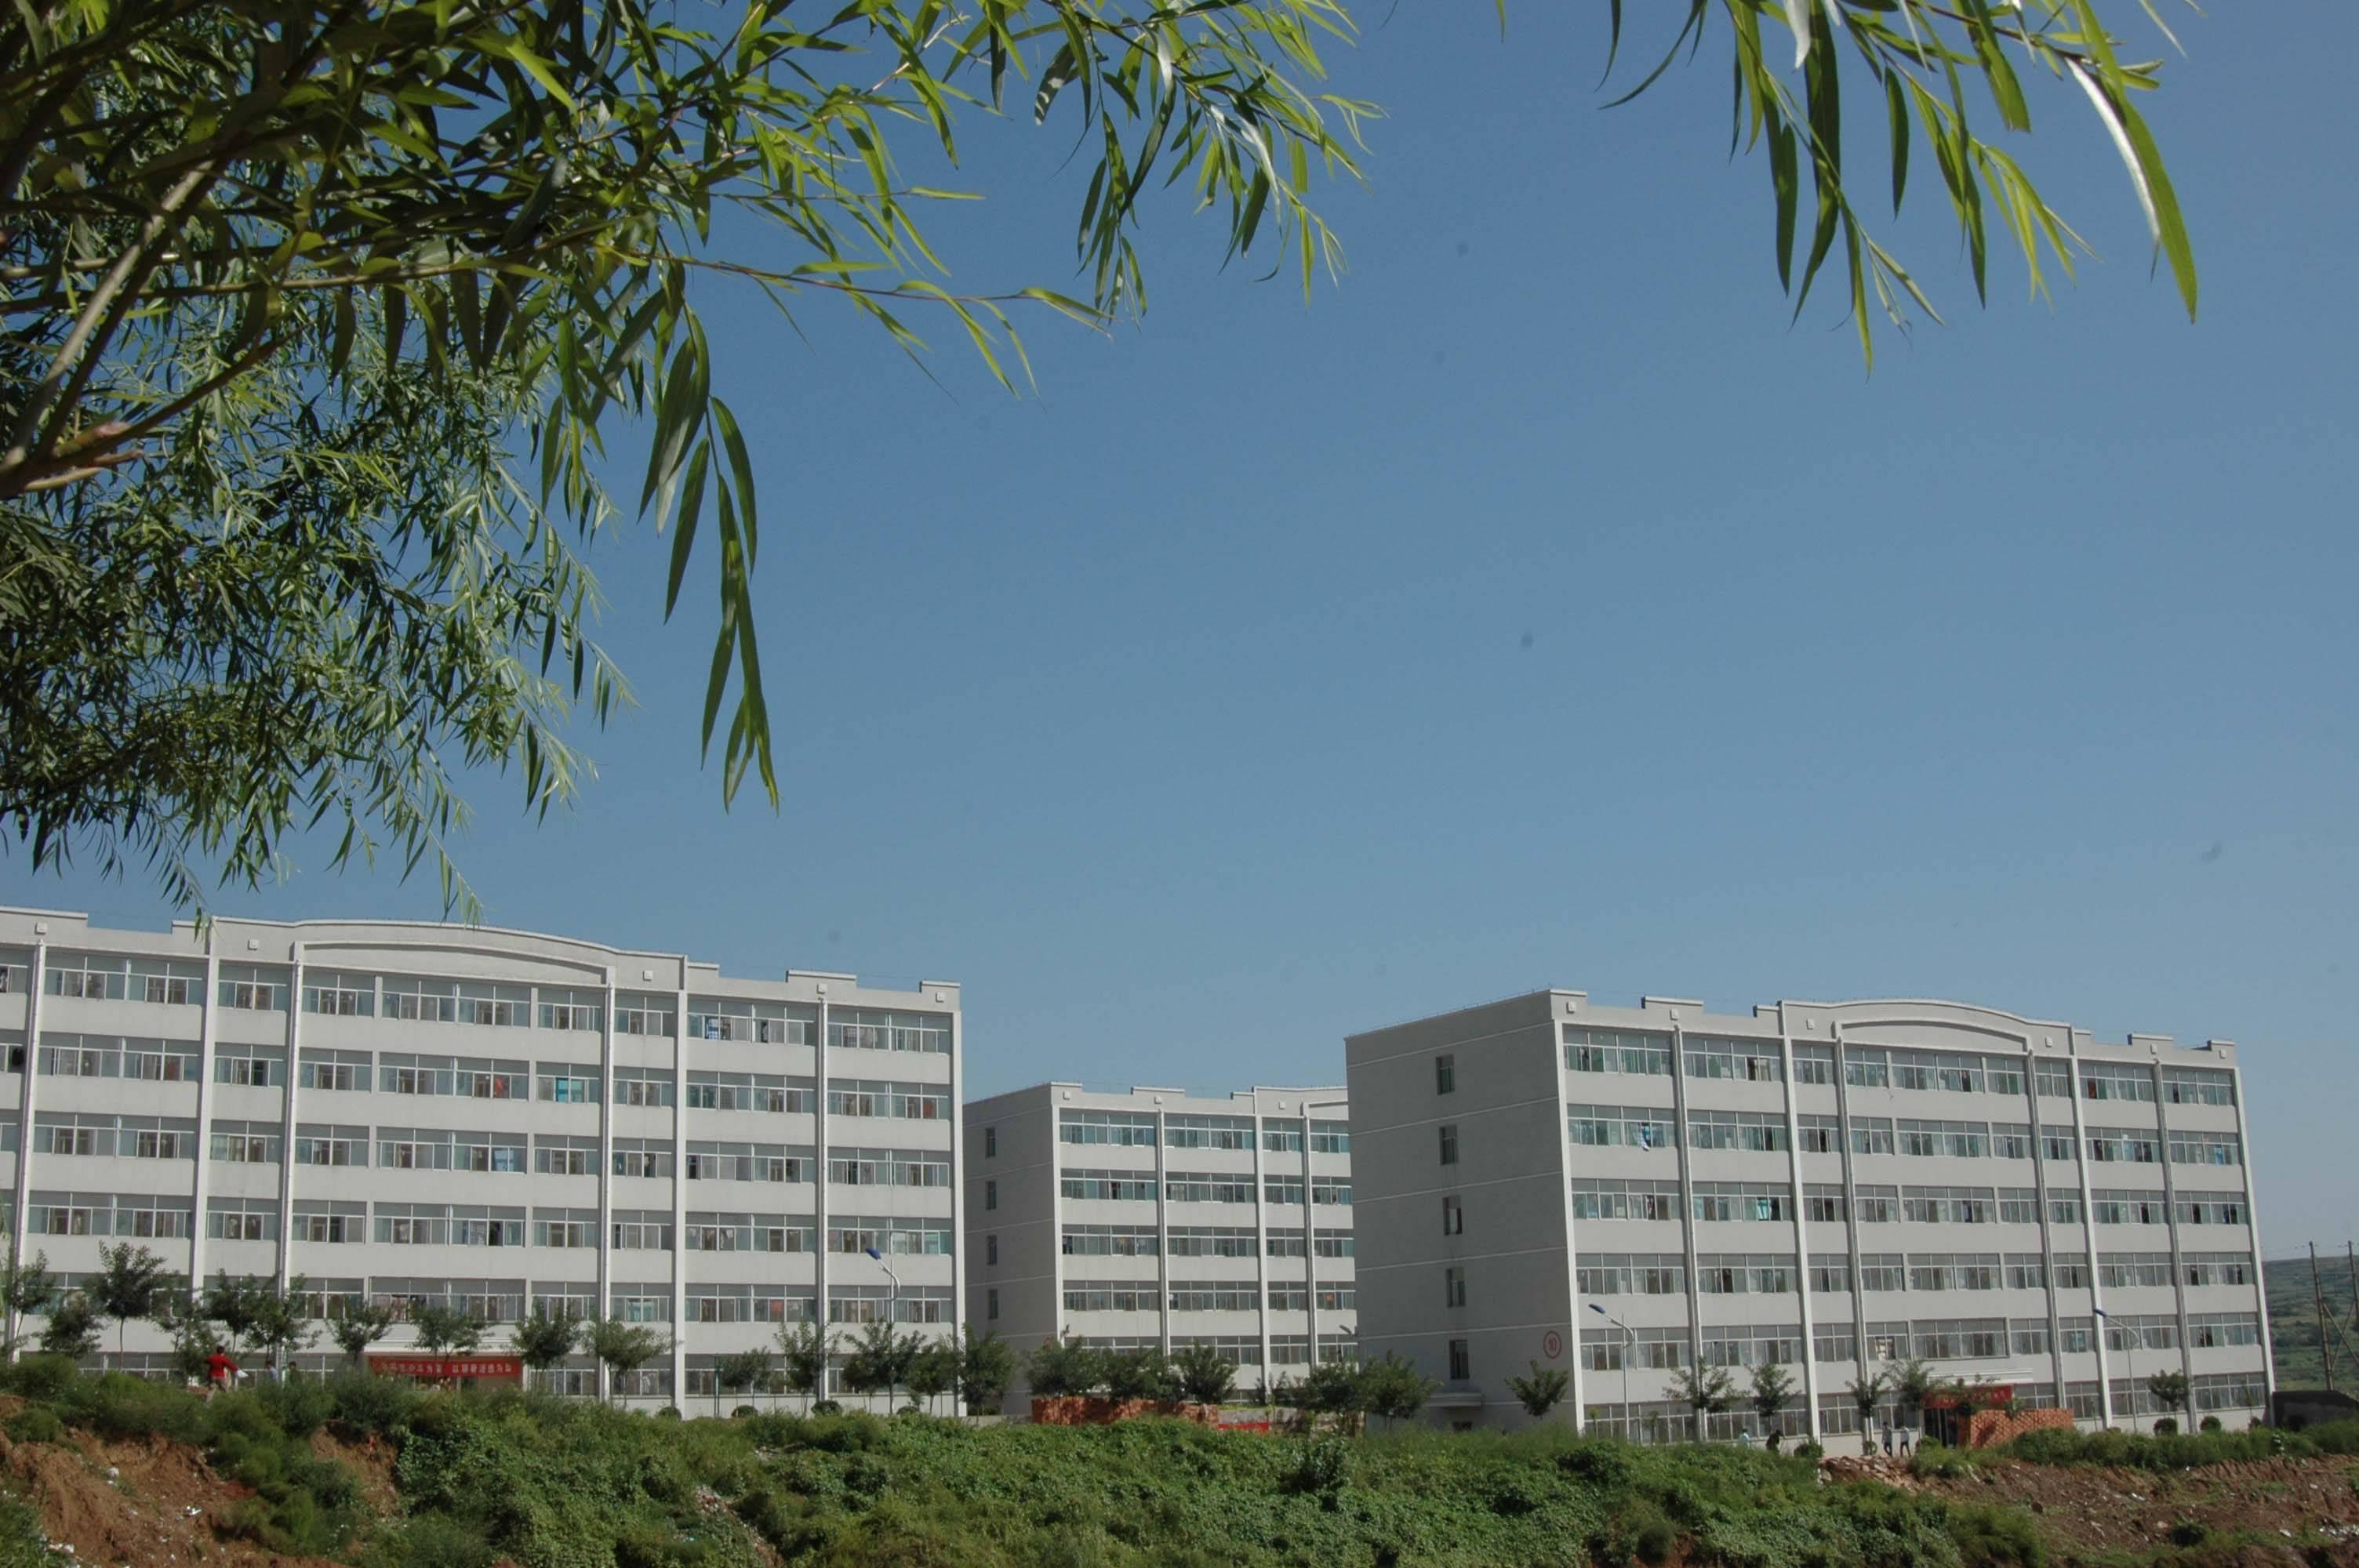 阳泉职业技术学院宿舍怎么样图片